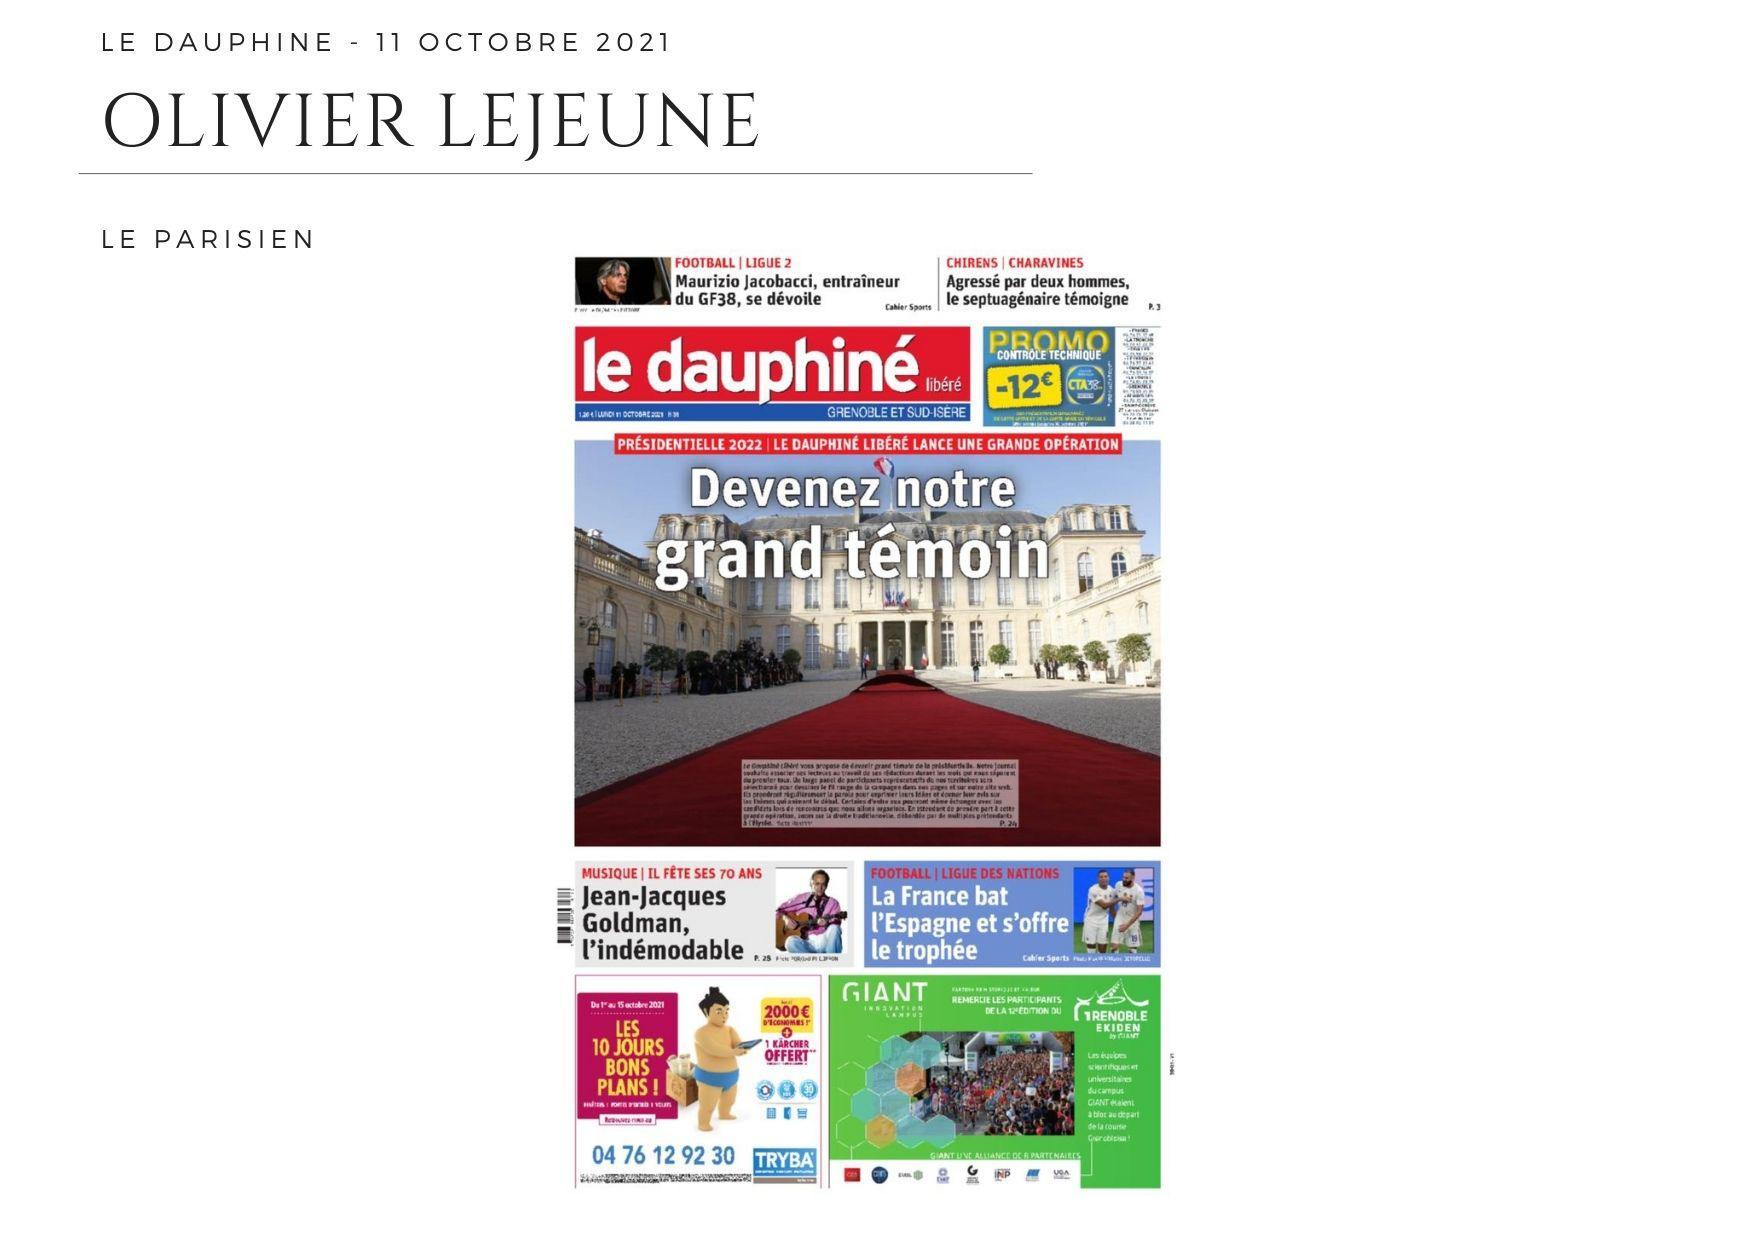 Le Dauphiné  - 11 octobre 2021